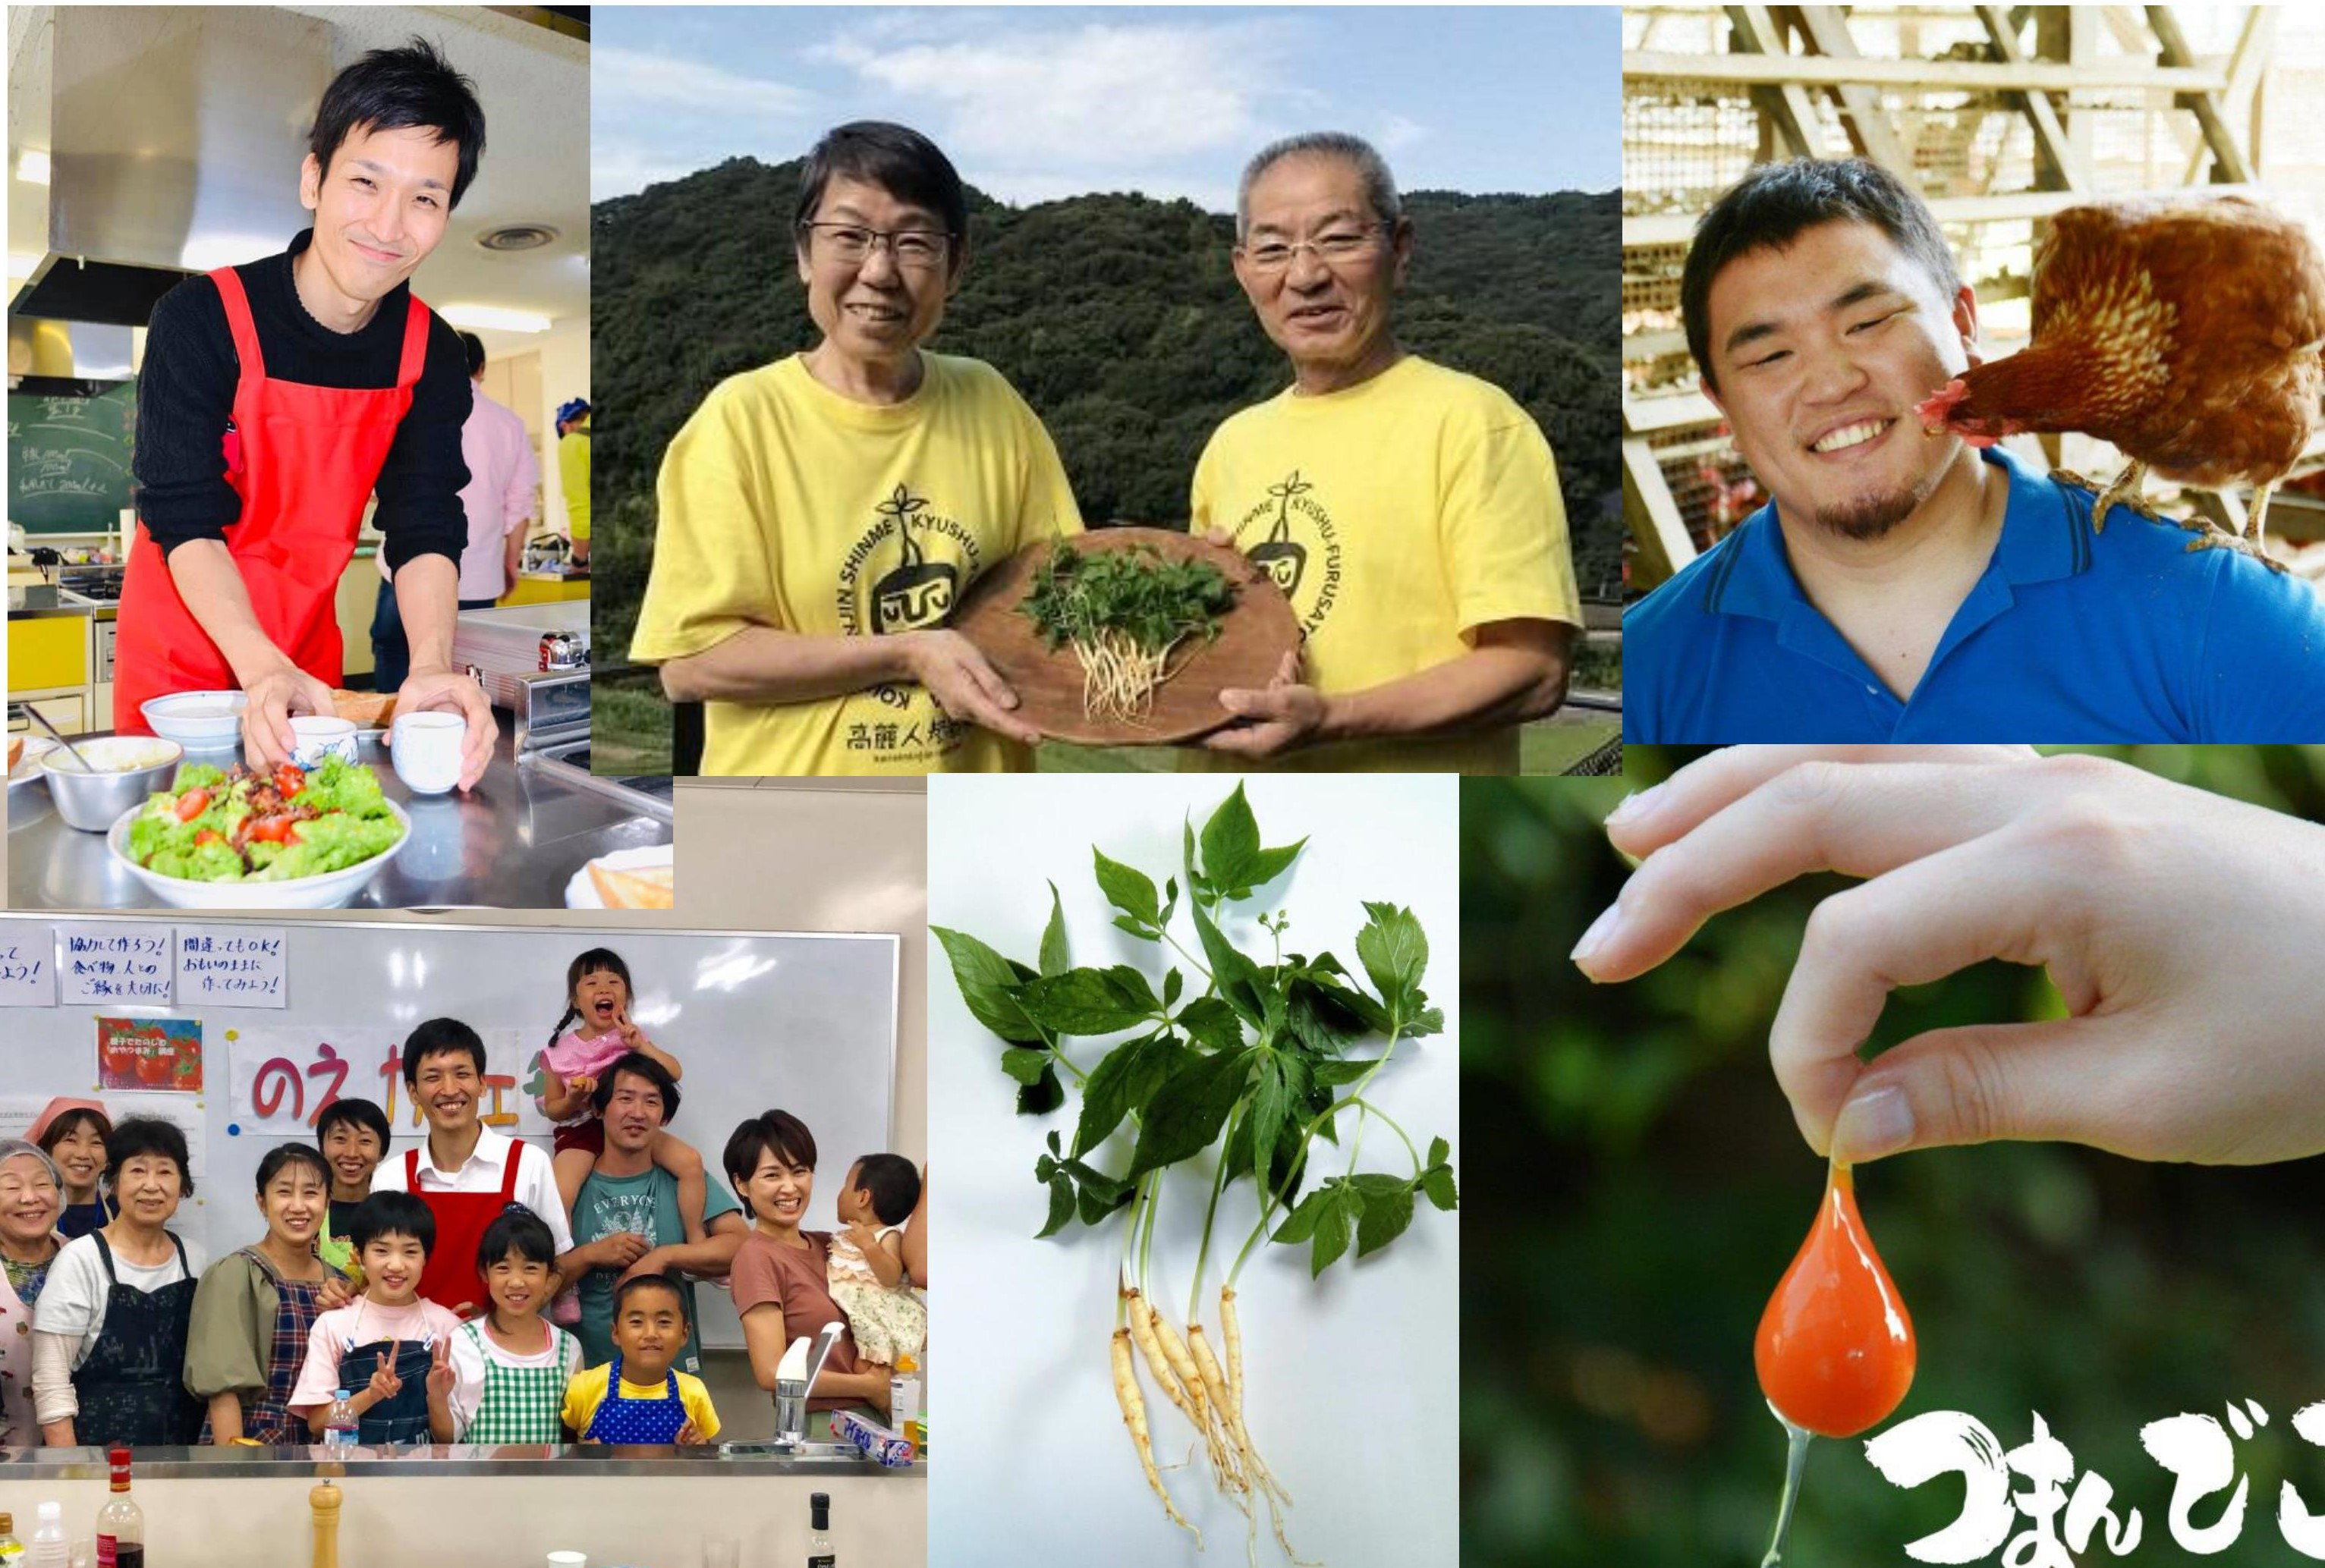 """食と農のよろこびをつなぐ起業家たち(第27回PIPIT交流会)の写真です"""""""